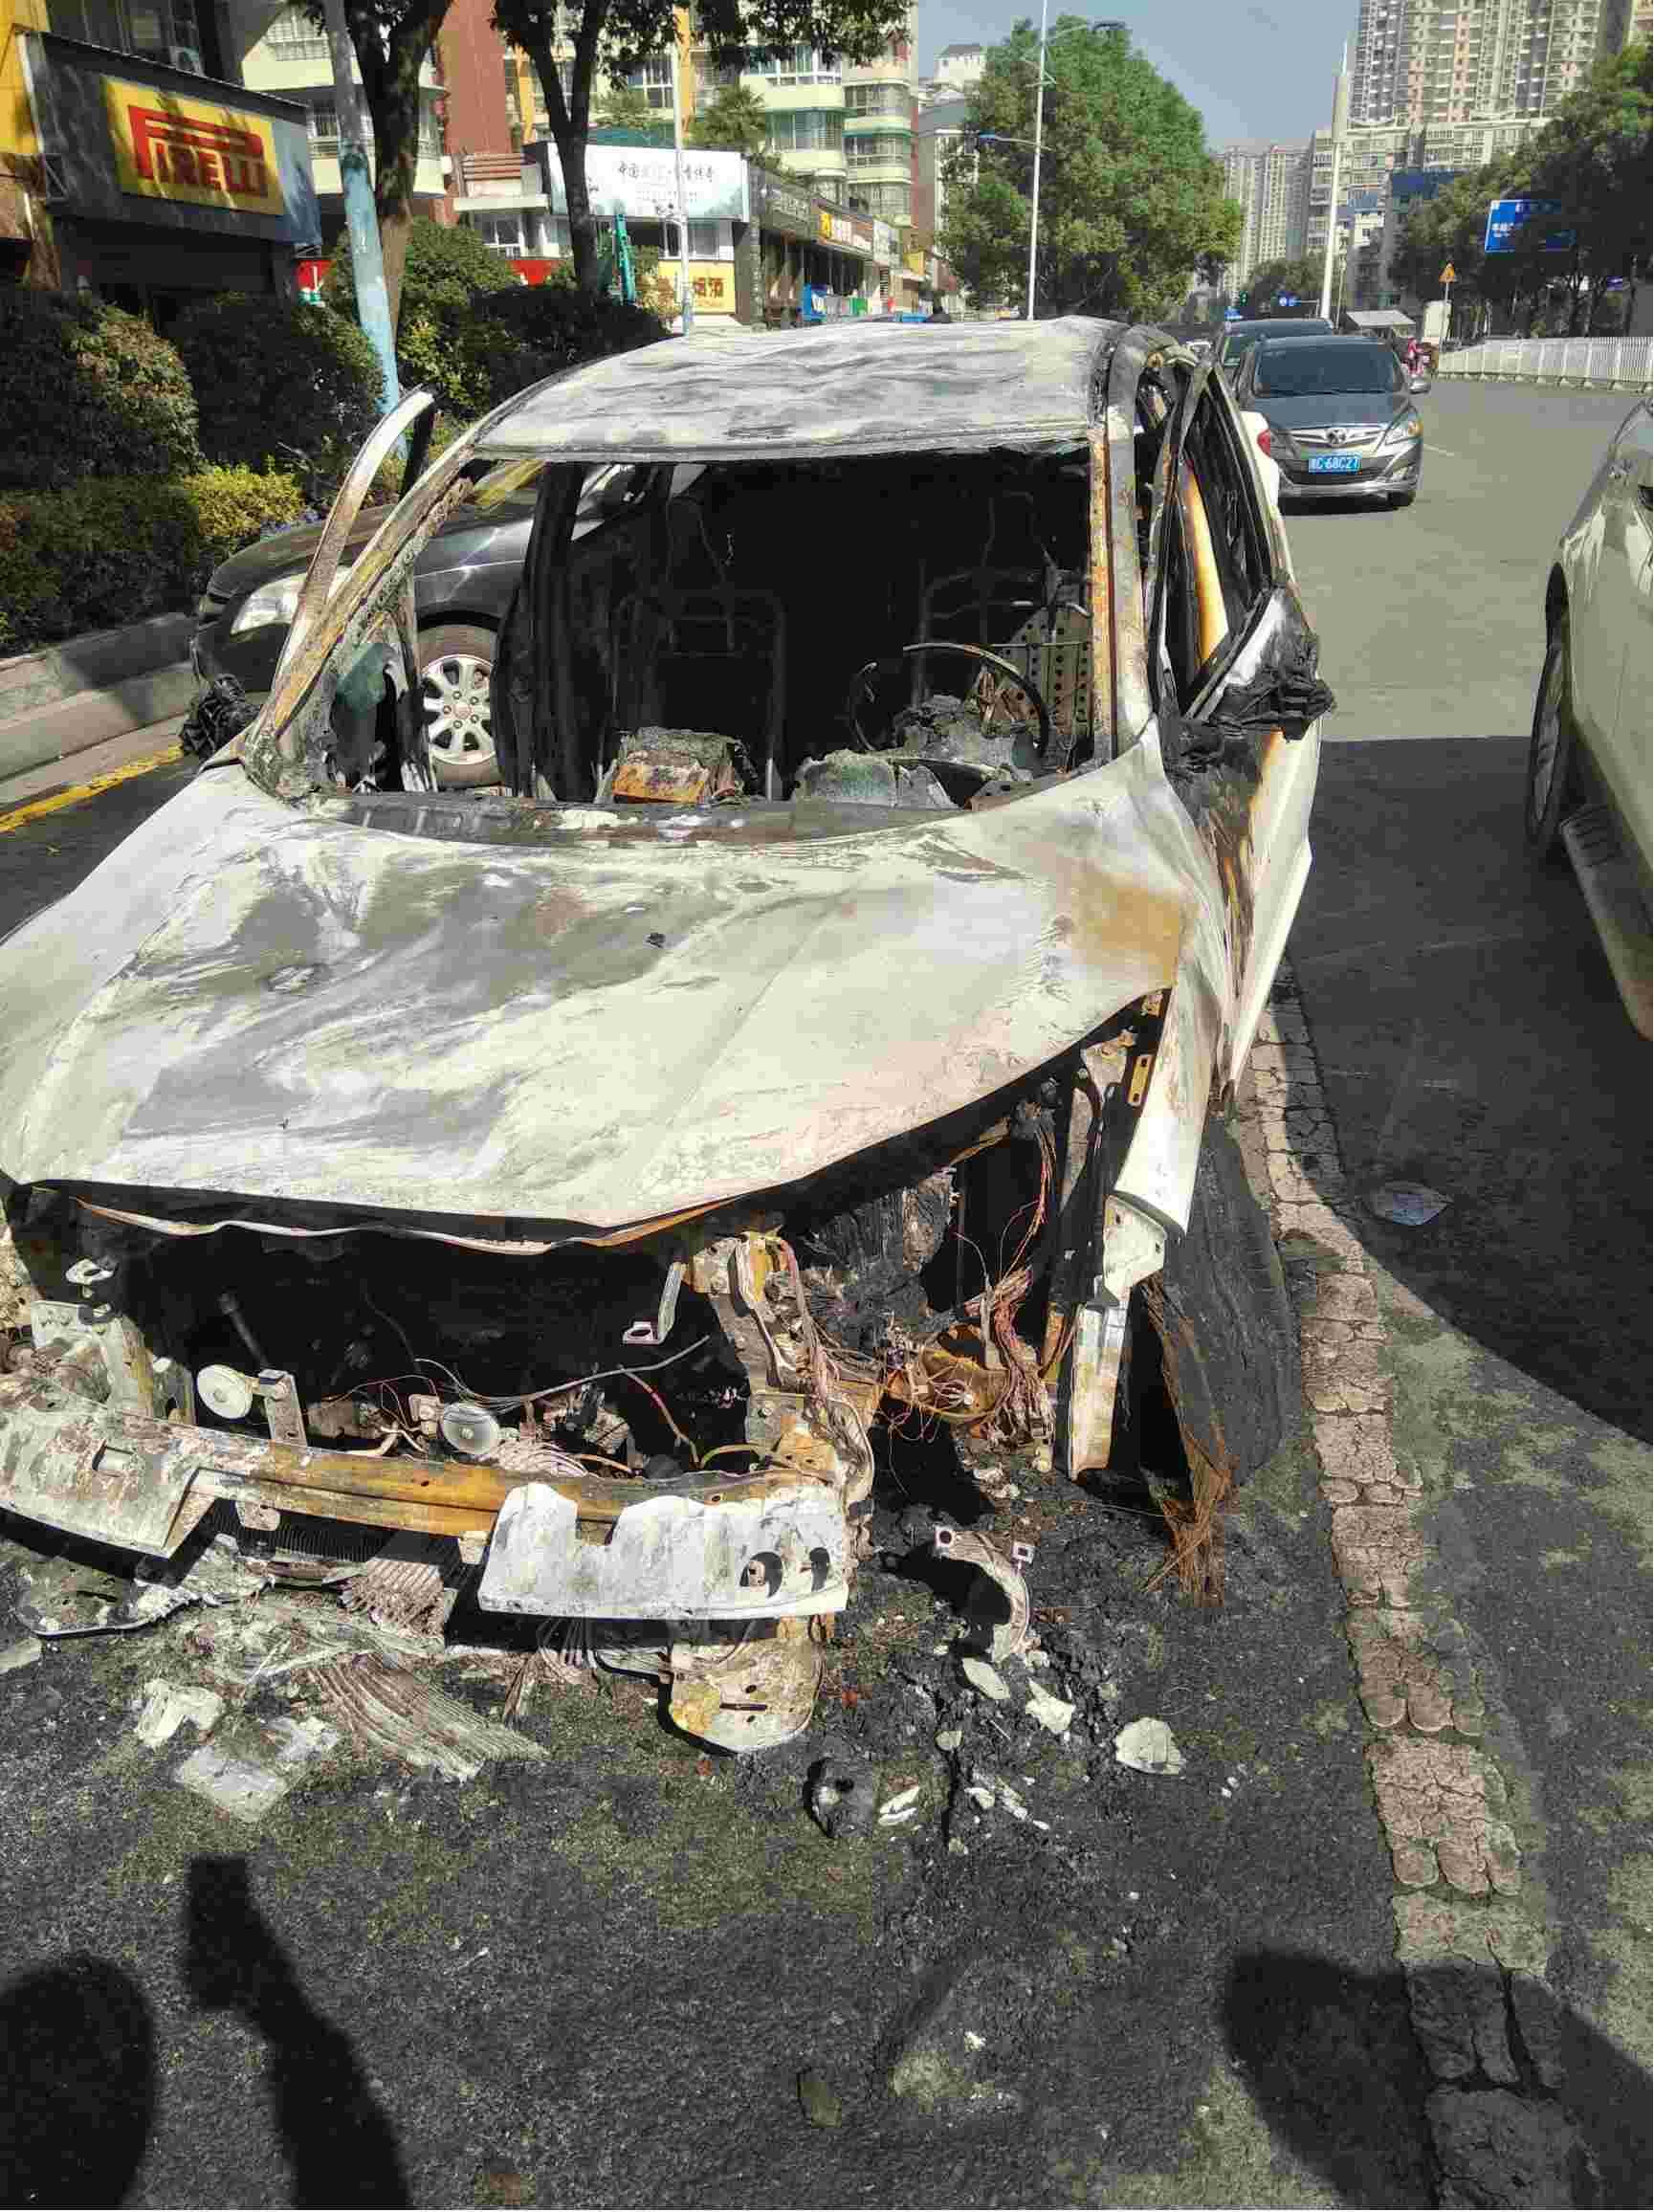 由于车的质量问题自燃,厂家及4S店应负全责。